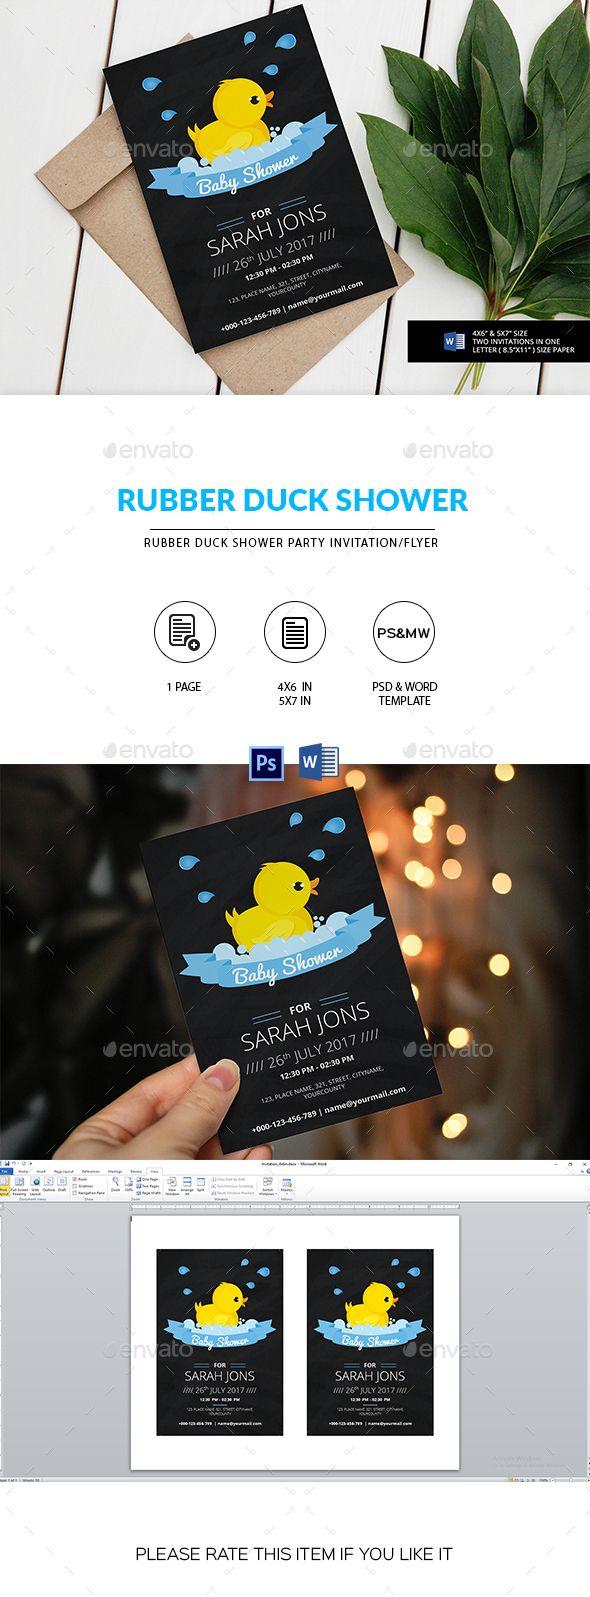 Chalkboard Rubber Duck Birthday #Invitation - Invitations #Cards & Invites Download here: https://graphicriver.net/item/chalkboard-rubber-duck-birthday-invitation/19725815?ref=alena994